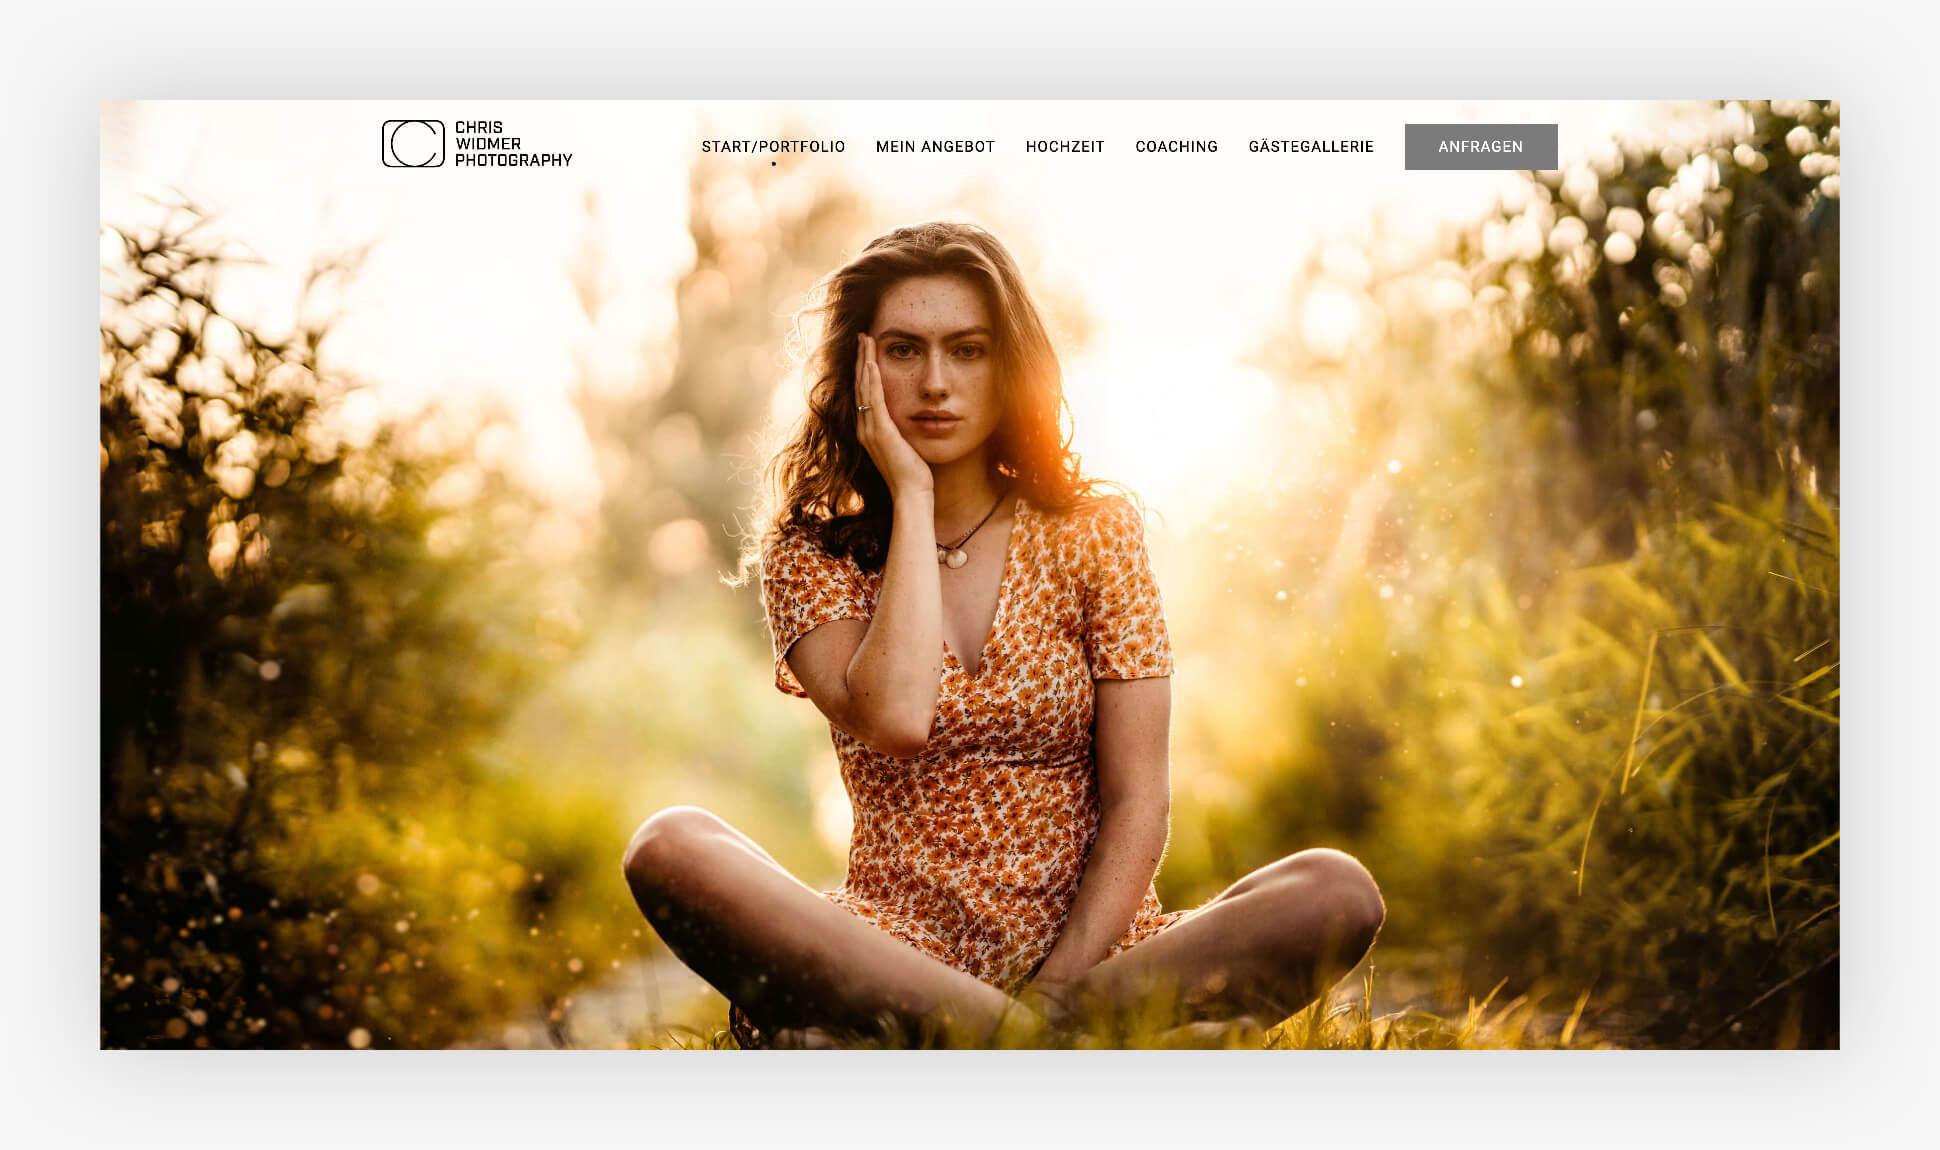 Webdesign Website Chris Widmer Photography Schweiz